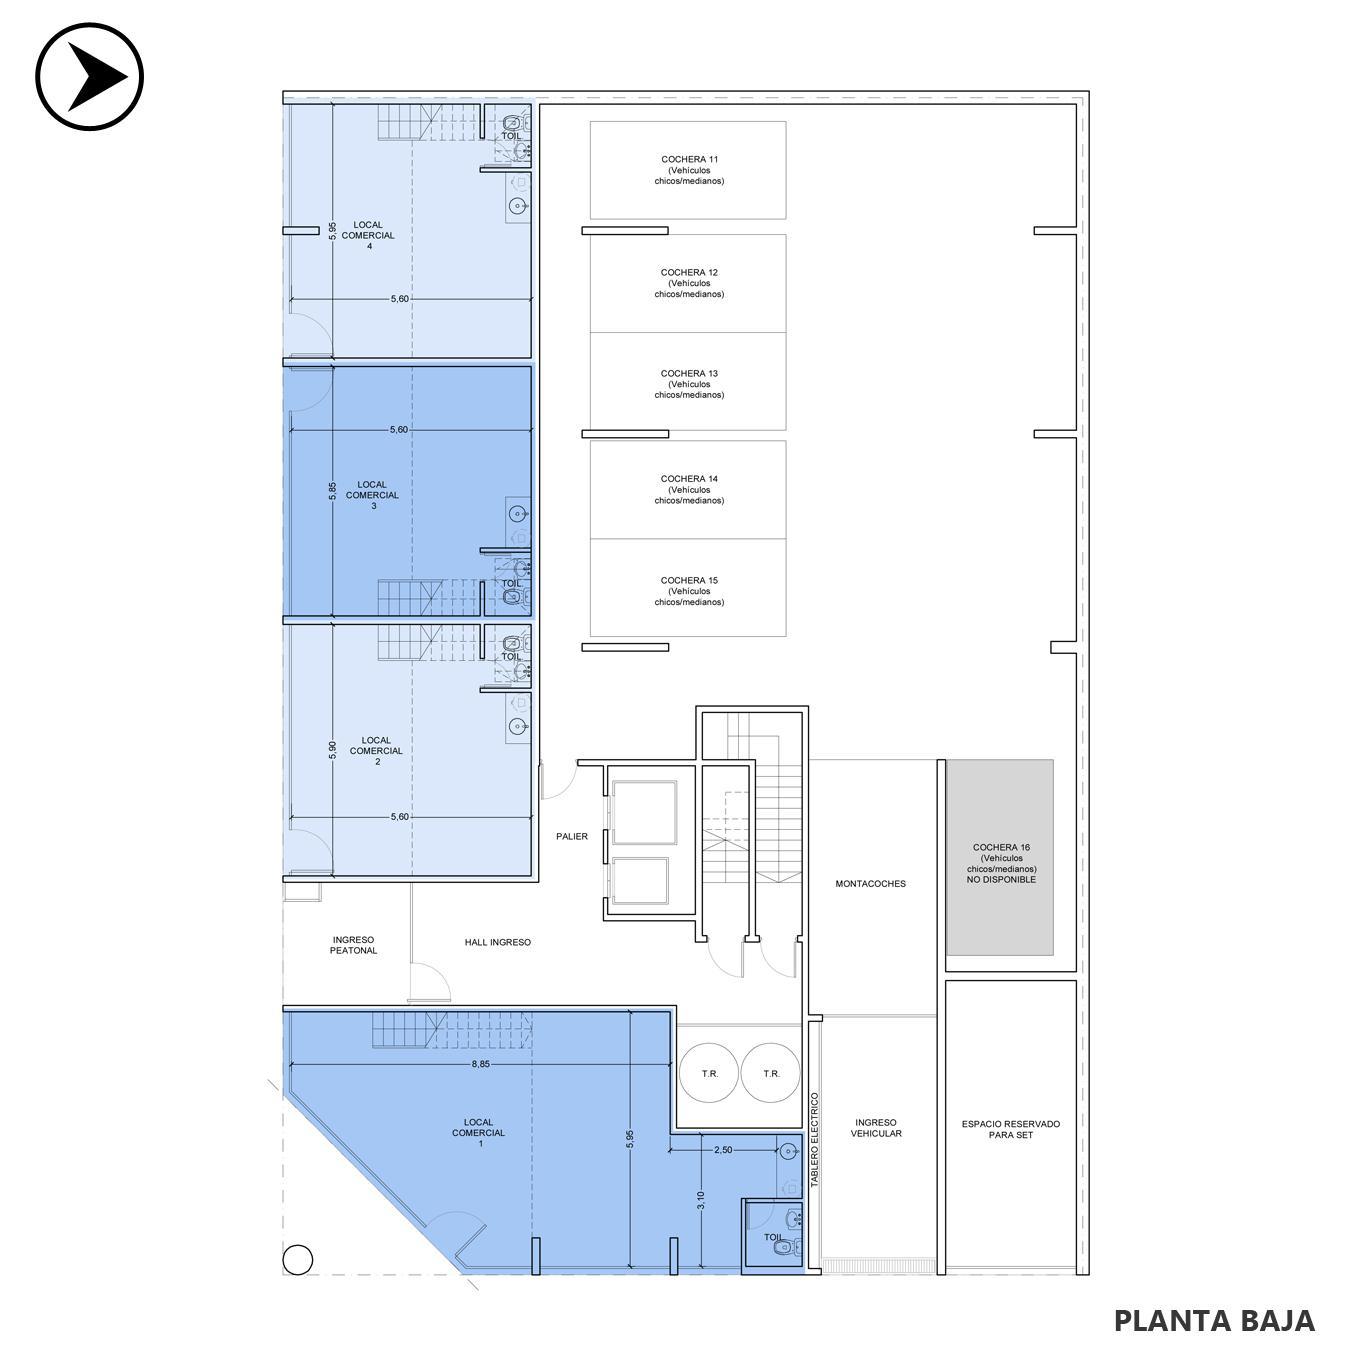 Venta departamento 1 dormitorio Rosario, República De La Sexta. Cod CBU24602 AP2290748. Crestale Propiedades